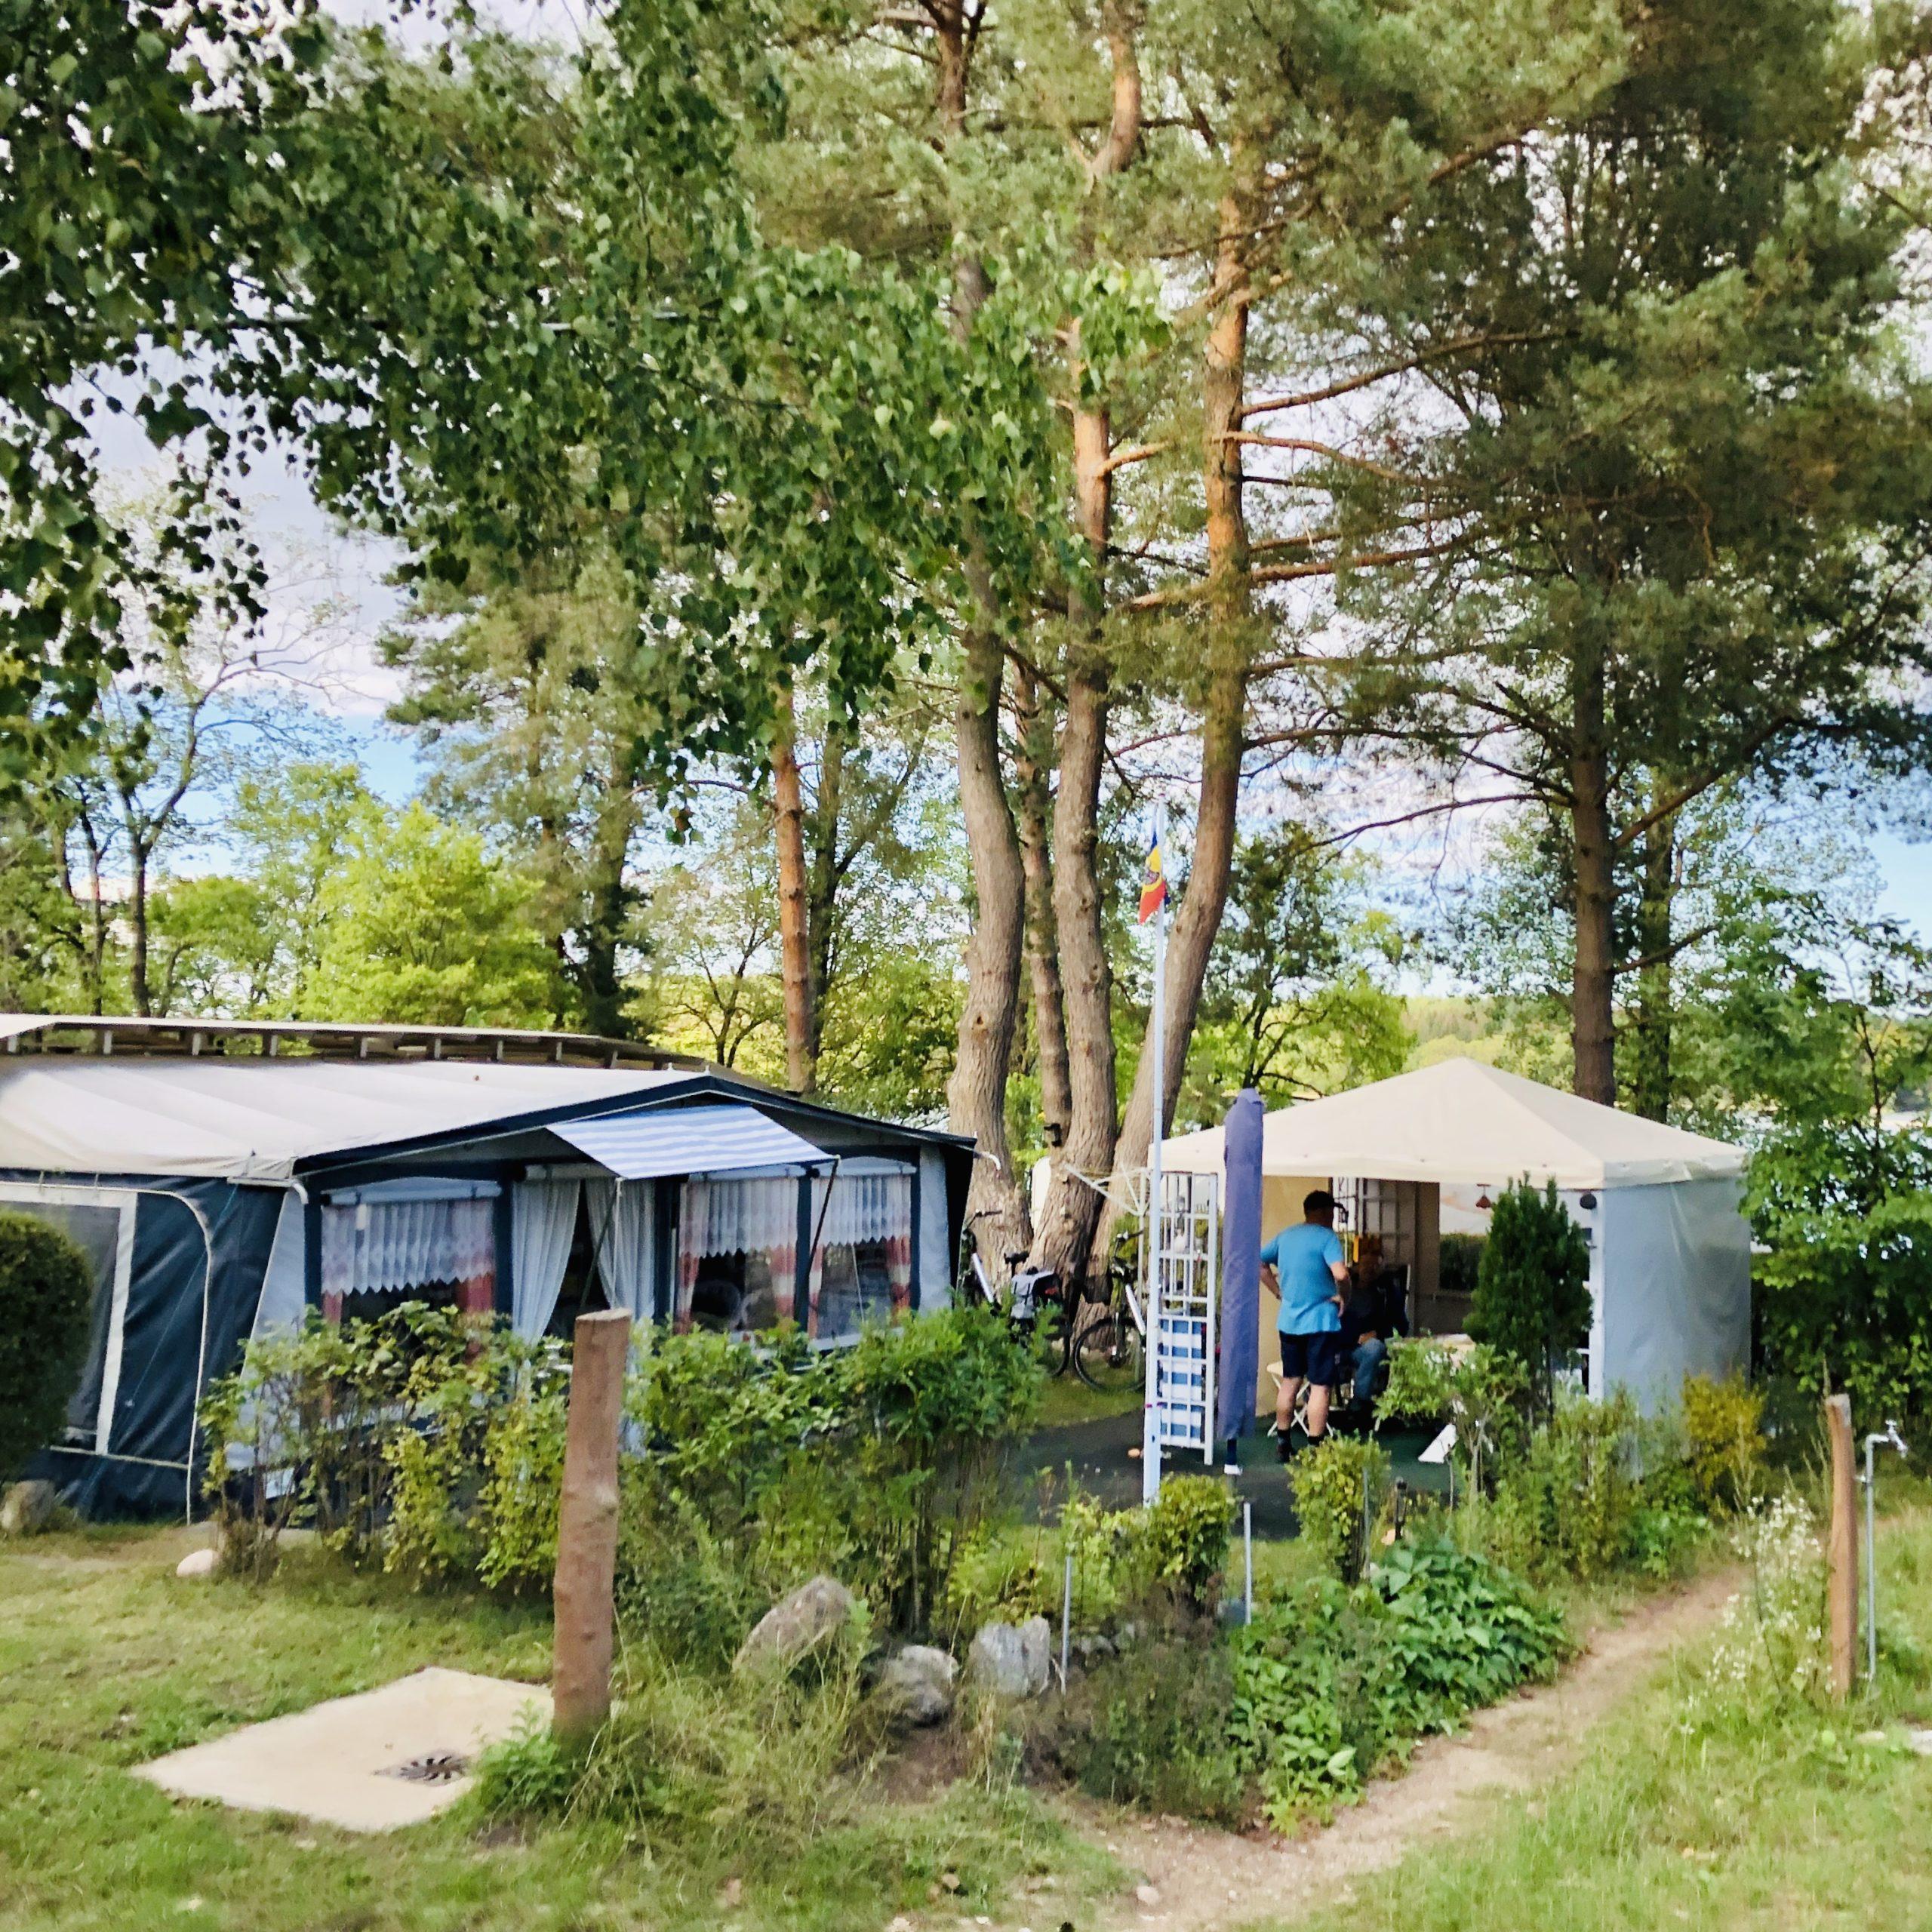 Camping Campingurlaub Campingplatz Vanlife